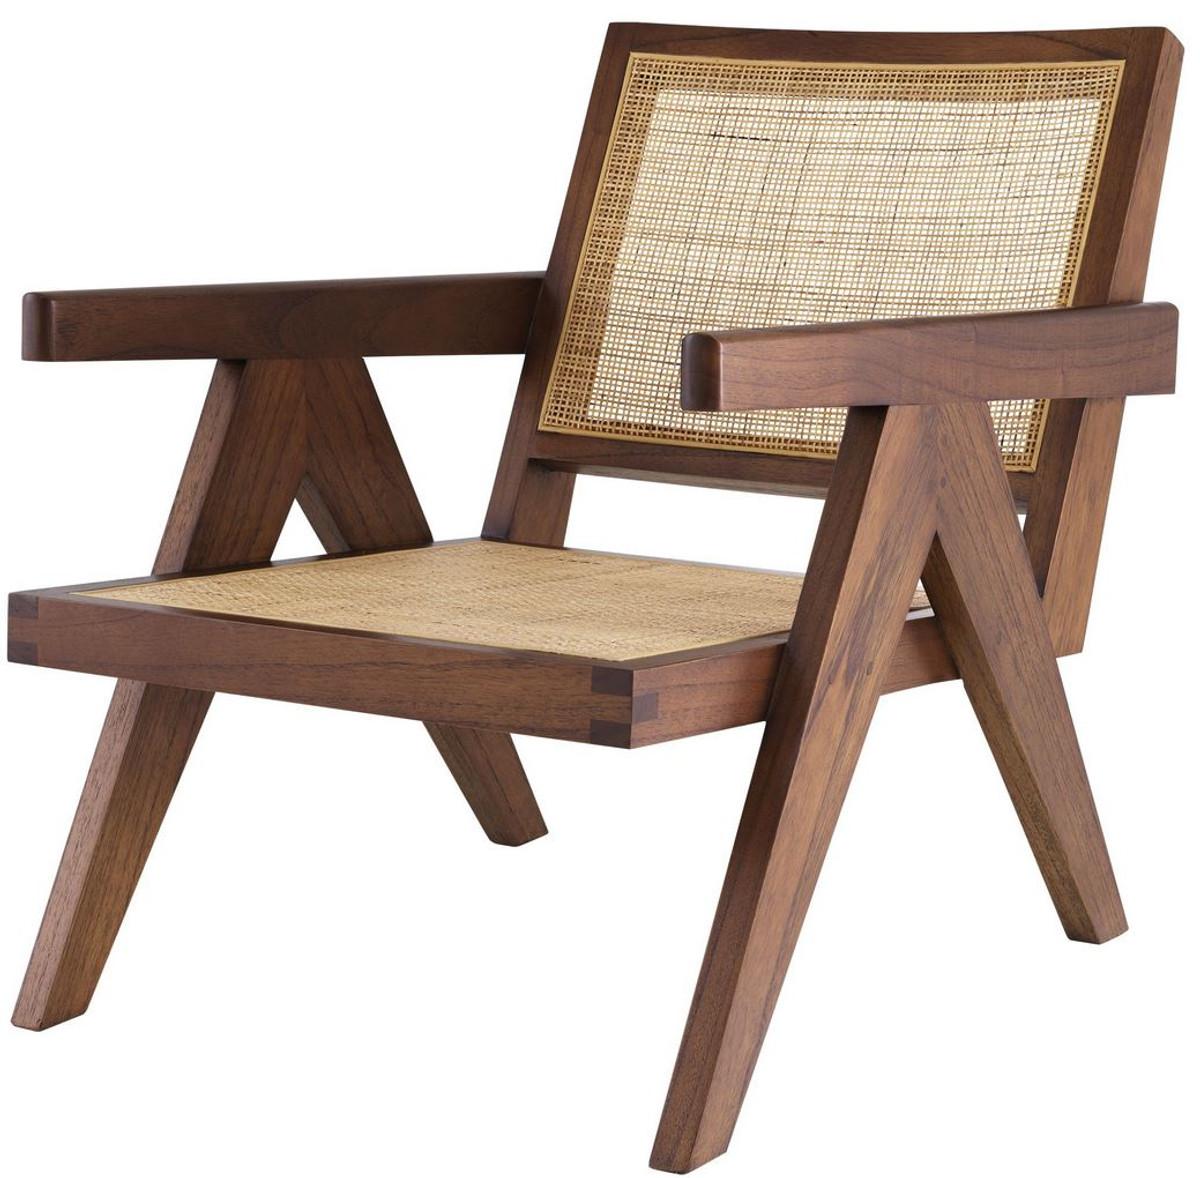 Le sedie design sono quelle che rispecchiano appieno. Casa Padrino Sedia Di Design Marrone Naturale 58 X 82 X A 70 Cm Sedia In Legno Massello Con Braccioli E Rattan Intrecciato A Mano Mobili Per Soggiorno Di Lusso Casa Padrino De